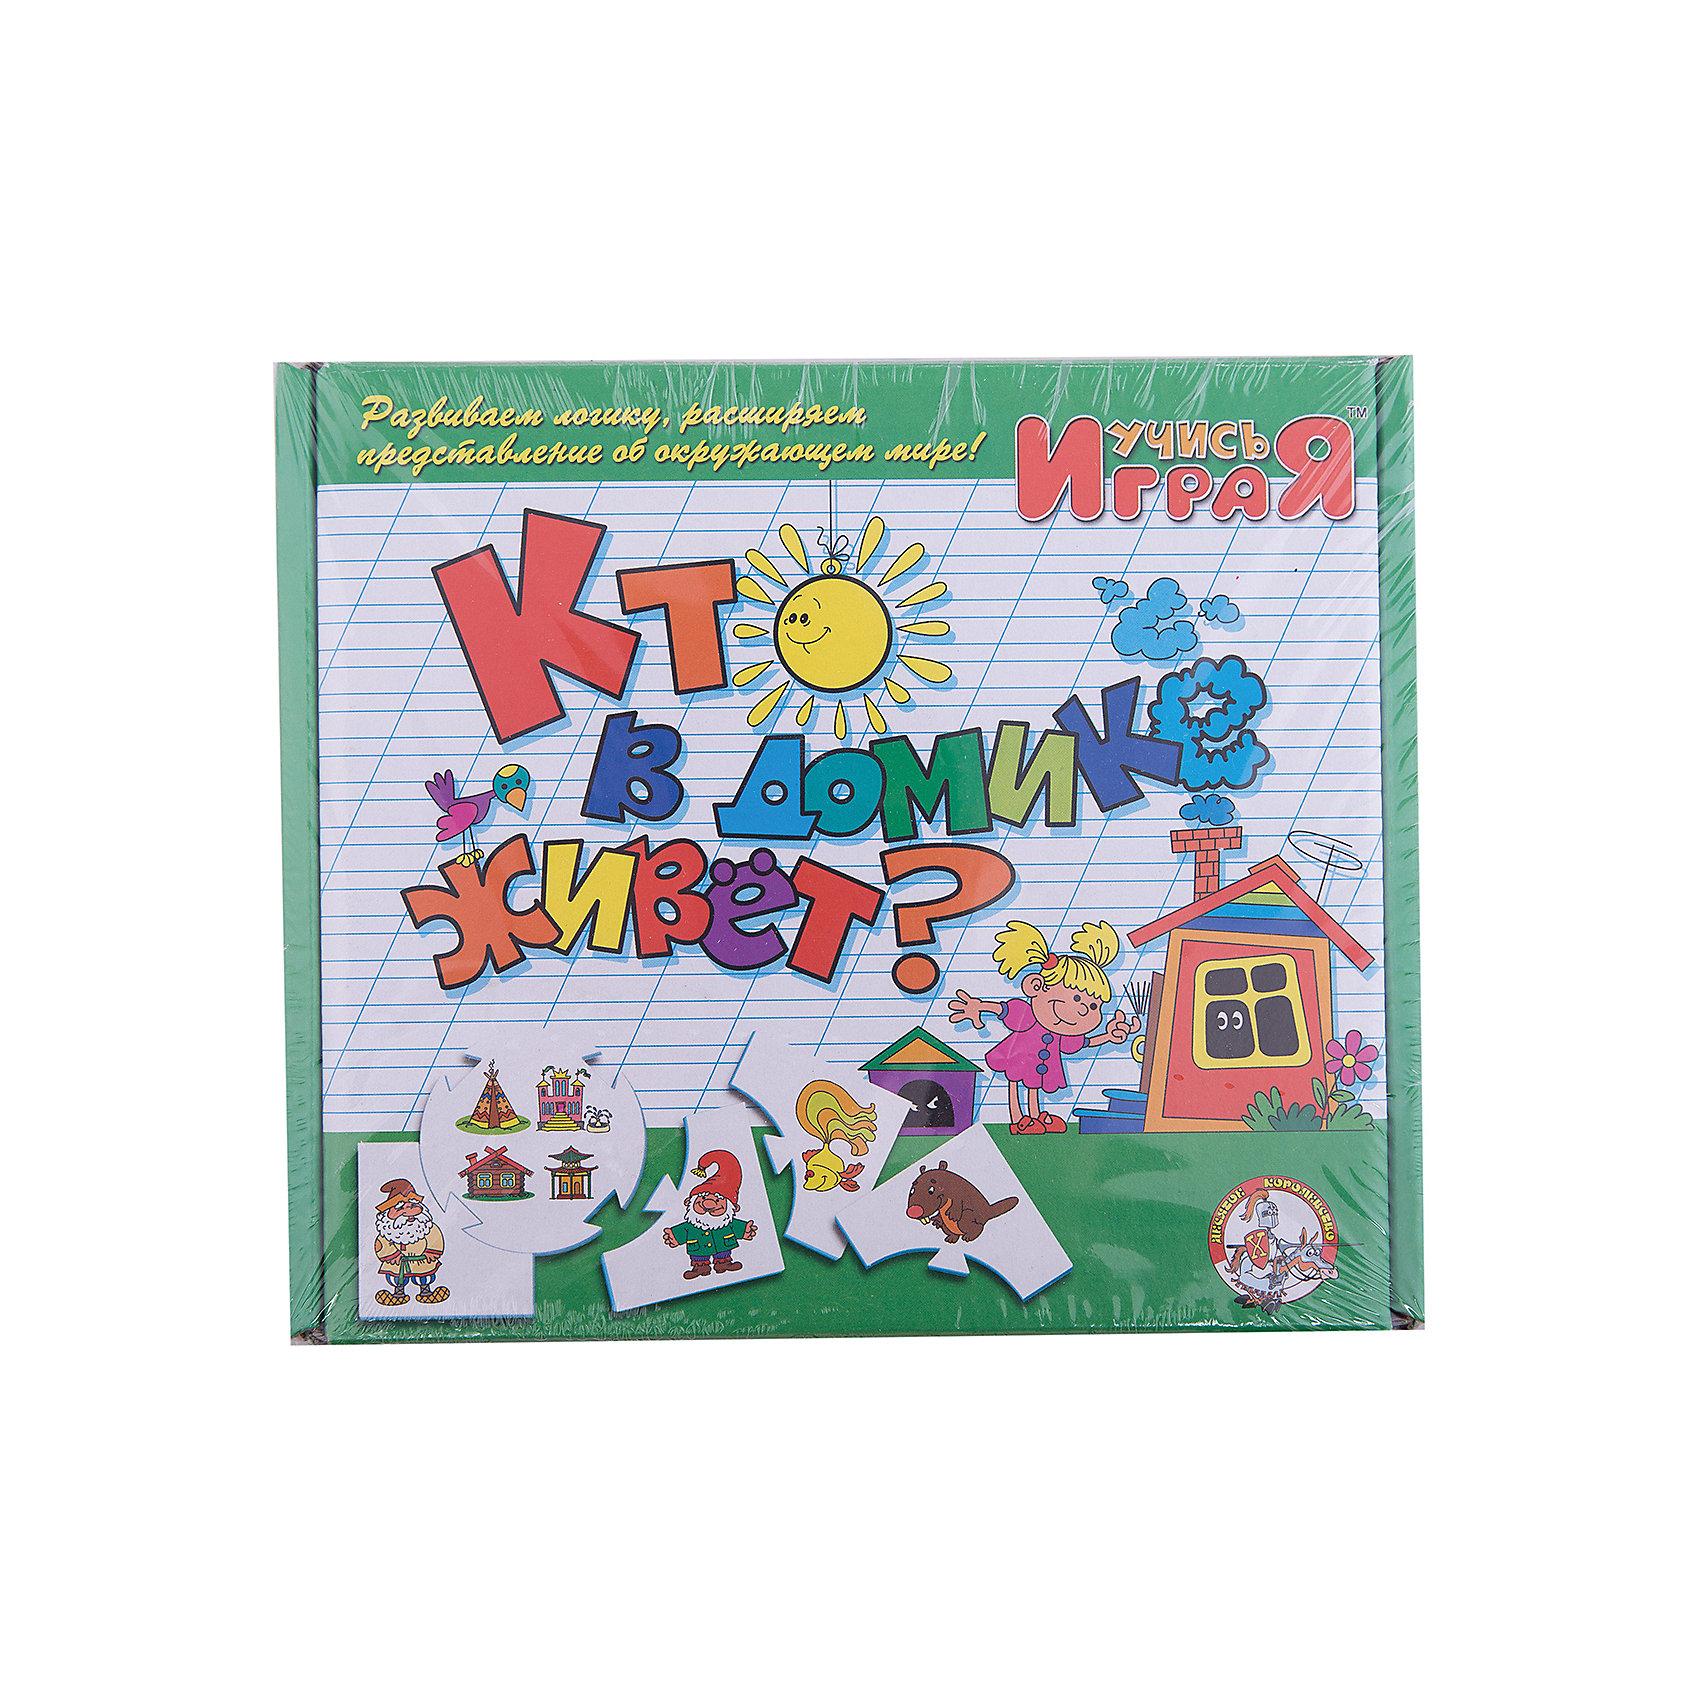 Игра обучающая  Кто в домике живет, Десятое королевствоОбучающие карточки<br>Игра обучающая Кто в домике живет, Десятое королевство<br><br>Характеристики:<br><br>• Возраст: от 3 лет<br>• Количество игроков: от 1 до 10<br>• В комплекте: 10 карточек заданий, 4 карточки с ответами<br><br>В этой увлекательной обучающей игре могут участвовать одновременно от 1 до 10 детей! В наборе содержатся 10 карточек-заданий, на которых изображены рисунки по теме жилищ для животных. К каждой необходимо найти 4 карточки-ответа, чтобы дополнить их содержание. В процессе игры дети узнают о том кто где живет, работают над мелкой моторикой и расширяют свои знания и представления об окружающем мире.<br><br>Игра обучающая Кто в домике живет, Десятое королевство можно купить в нашем интернет-магазине.<br><br>Ширина мм: 230<br>Глубина мм: 200<br>Высота мм: 35<br>Вес г: 240<br>Возраст от месяцев: 84<br>Возраст до месяцев: 2147483647<br>Пол: Унисекс<br>Возраст: Детский<br>SKU: 5471677